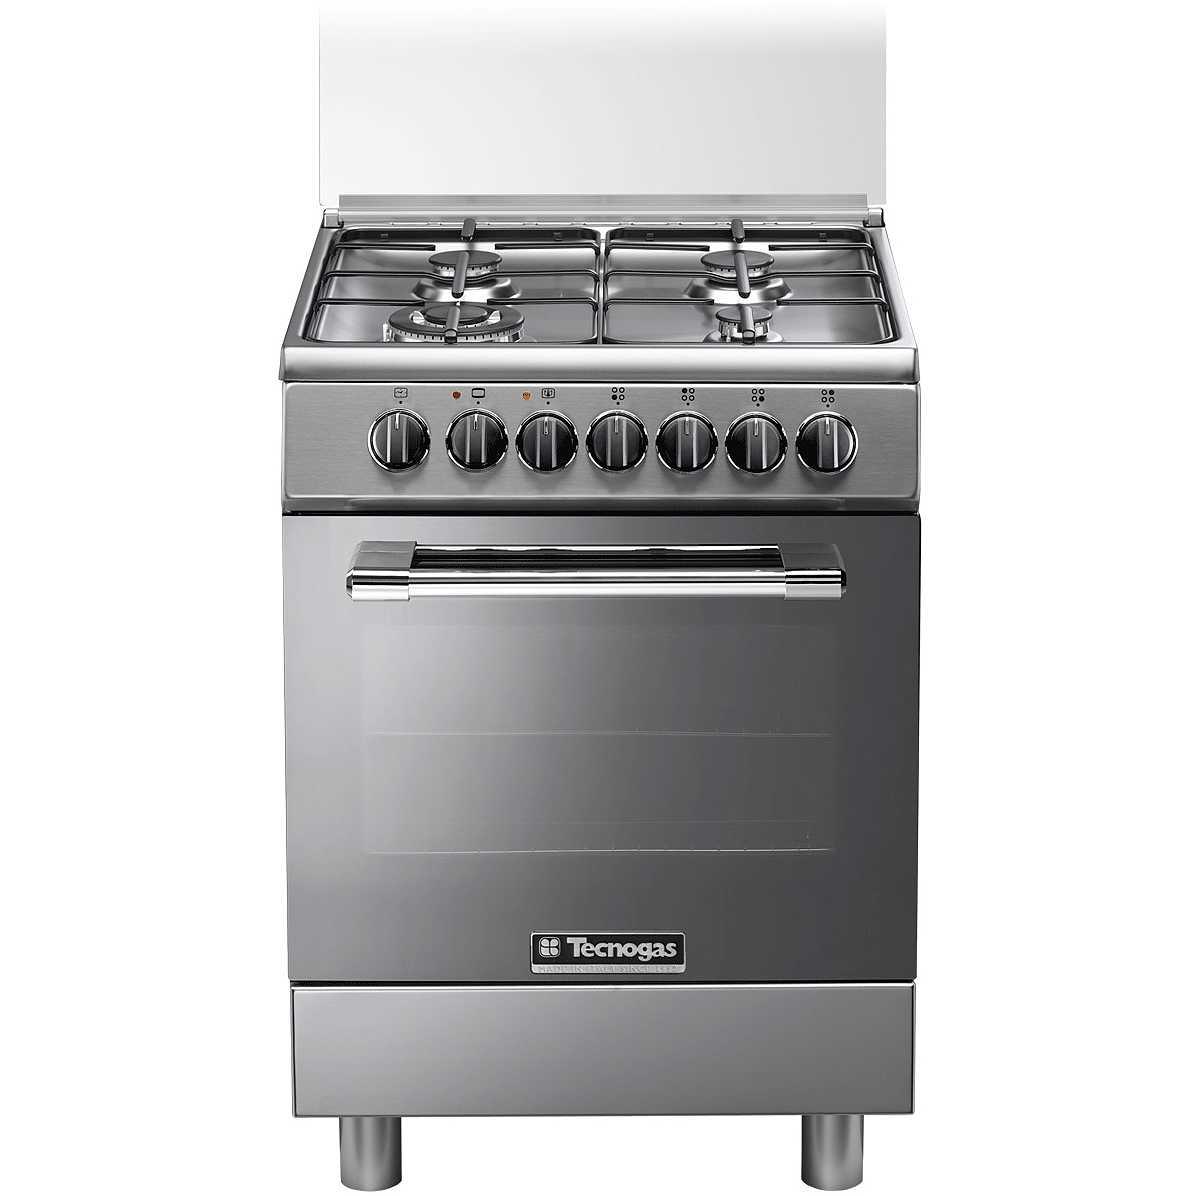 Tecnogas p664gvx cucina 60x60 4 fuochi a gas forno a gas ventilato con grill elettrico colore - Cucina a gas tecnogas ...